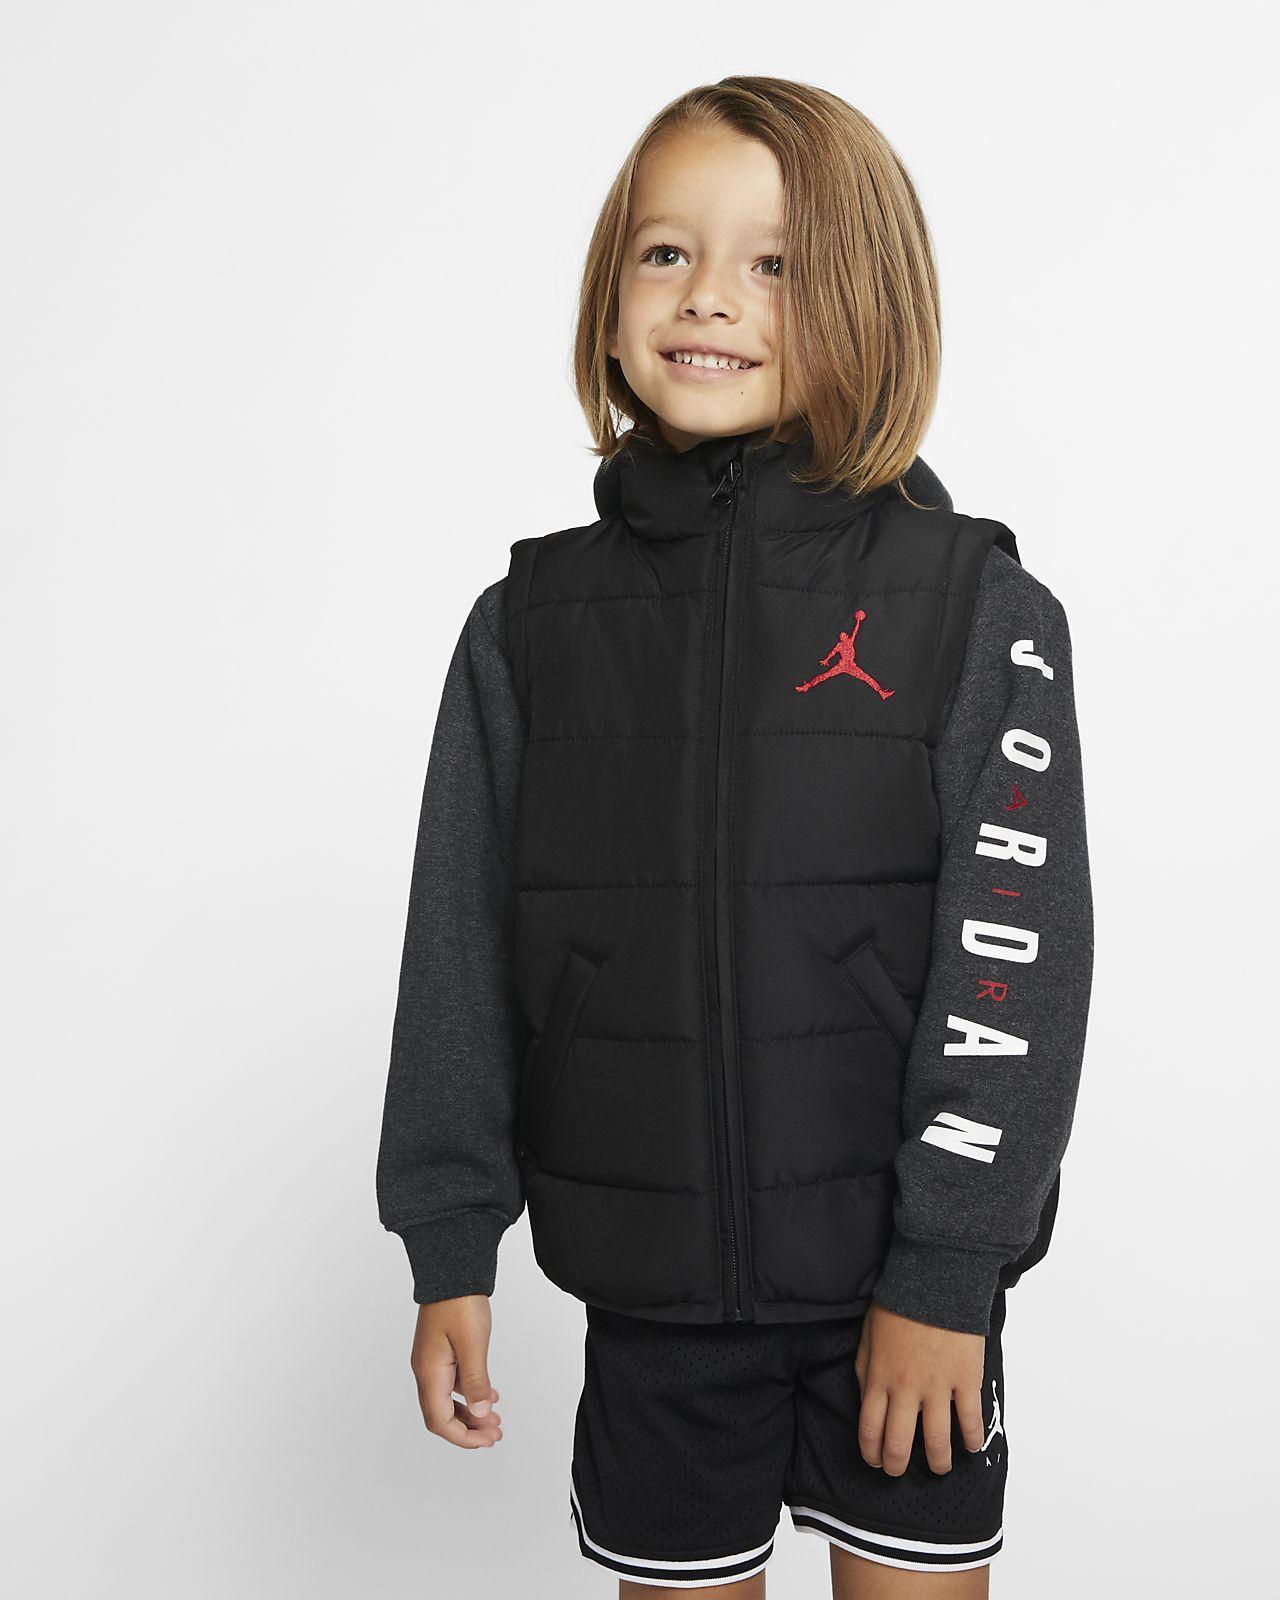 Péřová bunda pro batolata Jordan Jumpman se zipem po celé délce